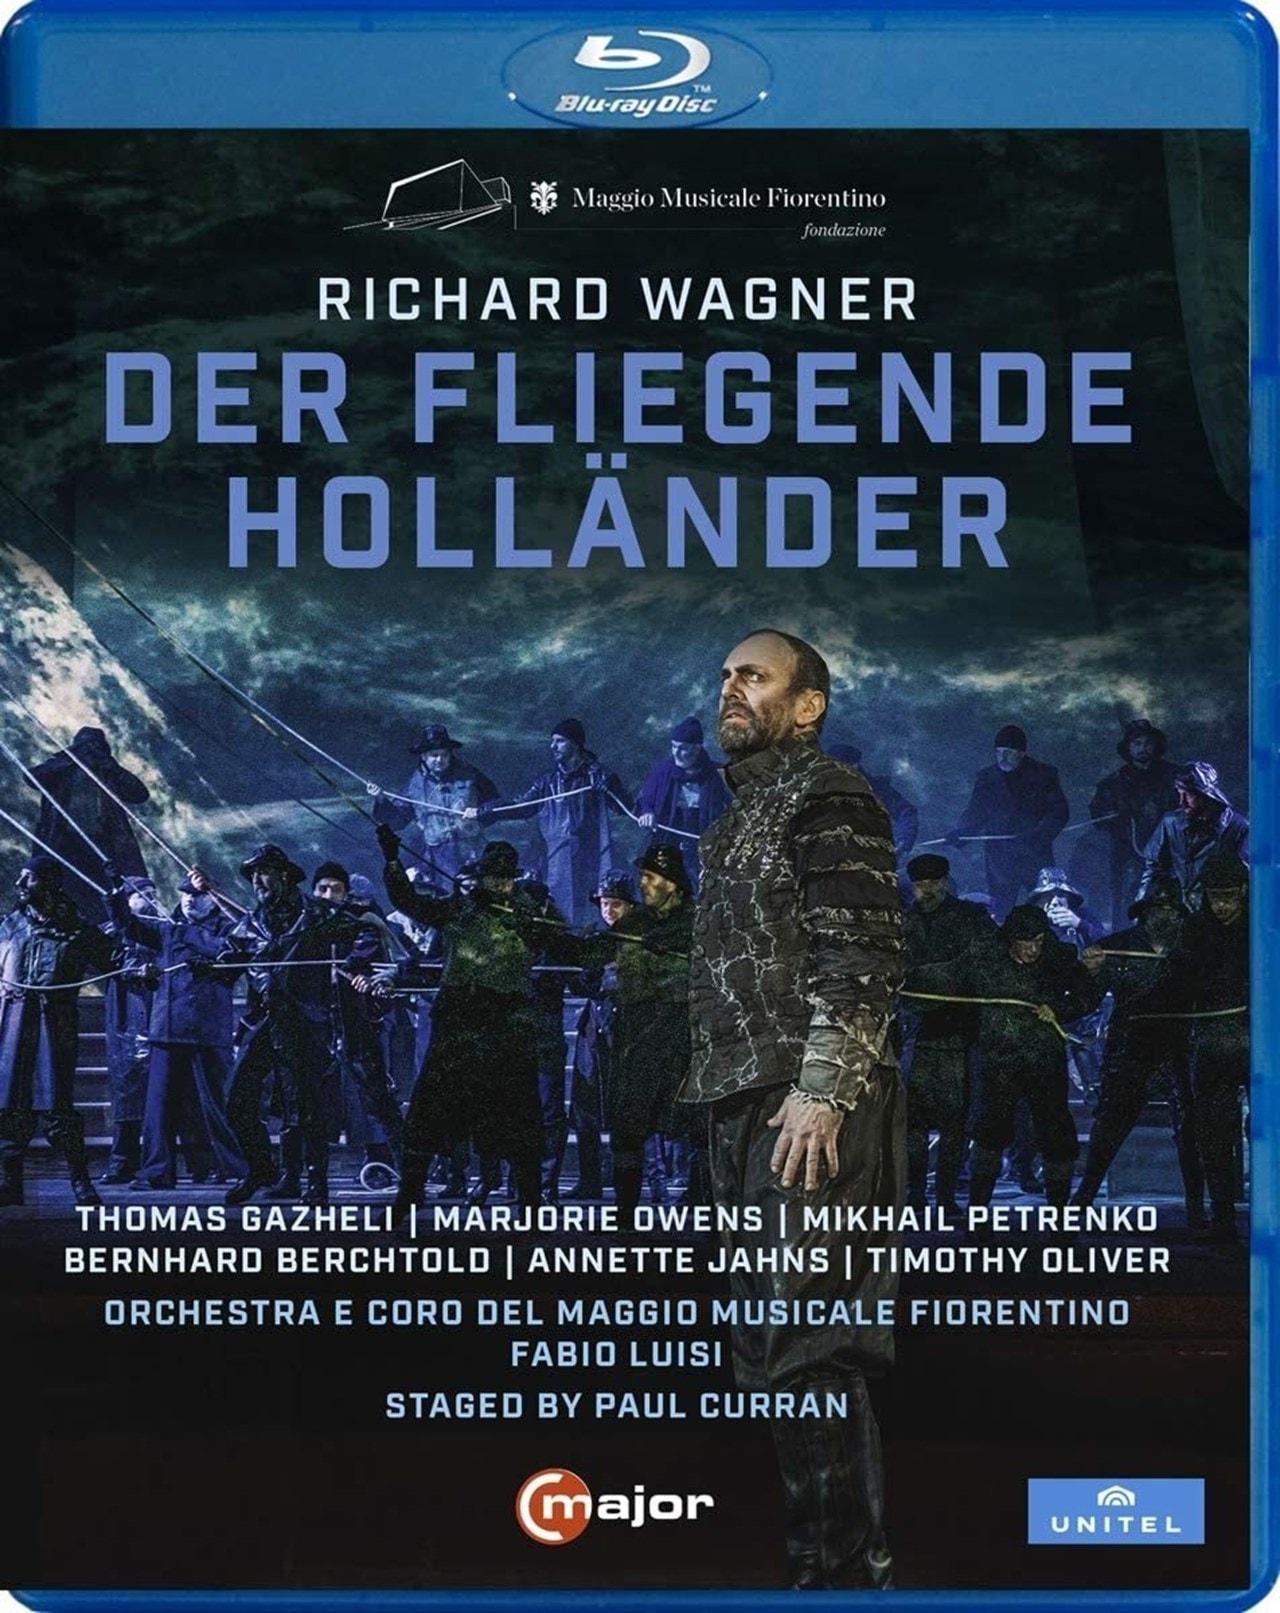 Der Fliegende Hollander: Maggio Musicale Fiorentino (Luisi) - 1